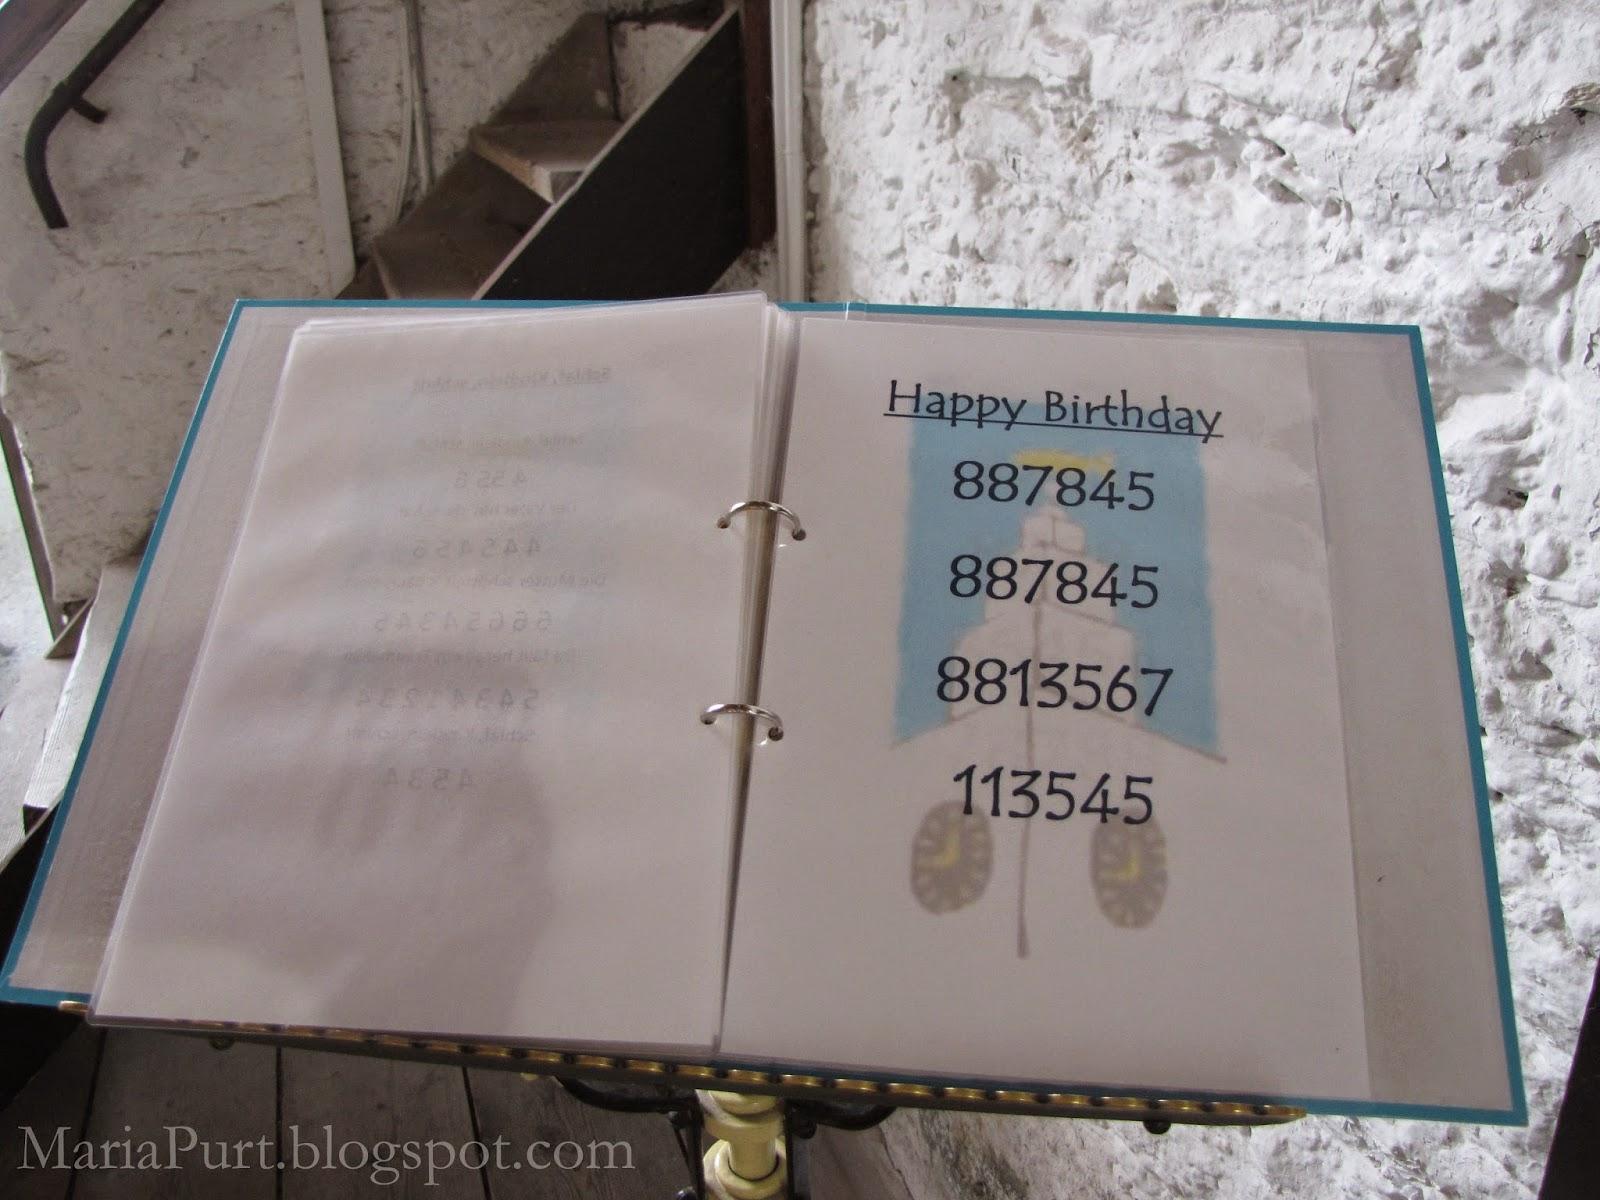 Книга мелодий с номерами колоколов в церкви, Корк, Ирландия